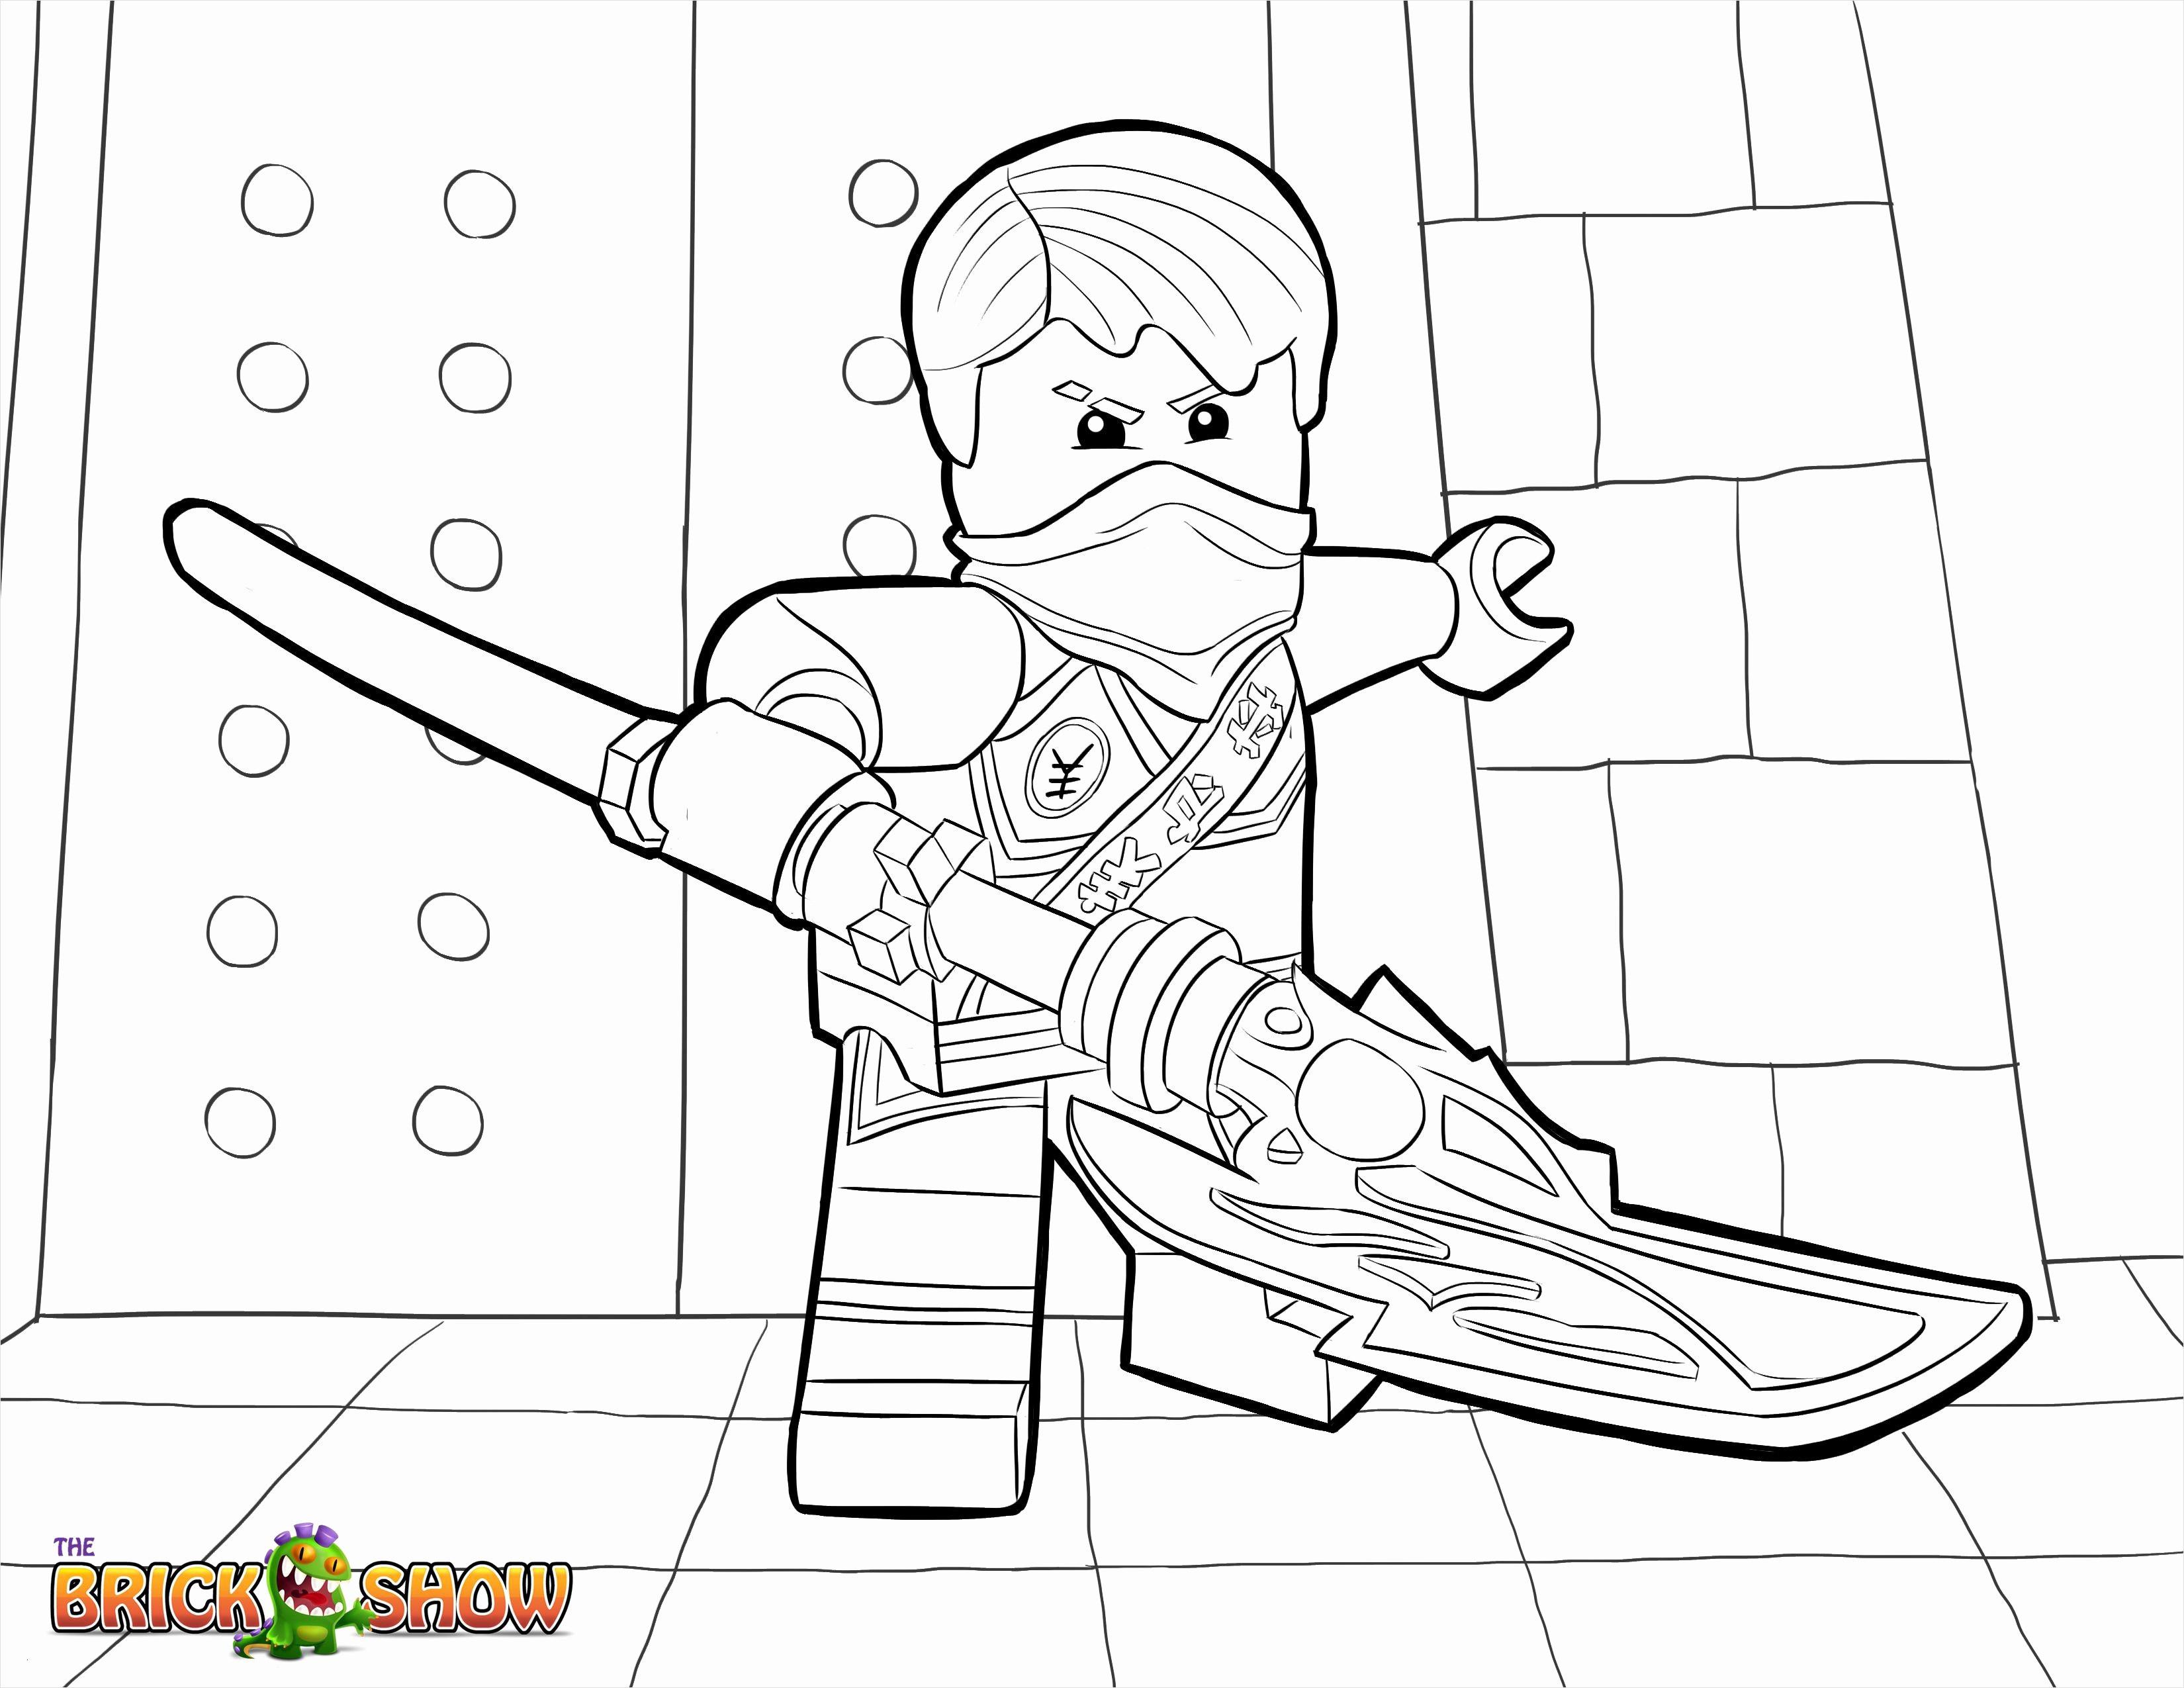 Ninjago Lloyd Ausmalbilder Frisch Malvorlagen Ninjago Lloyd Neu Lego Ninjago Coloring Pages to Print Fotografieren